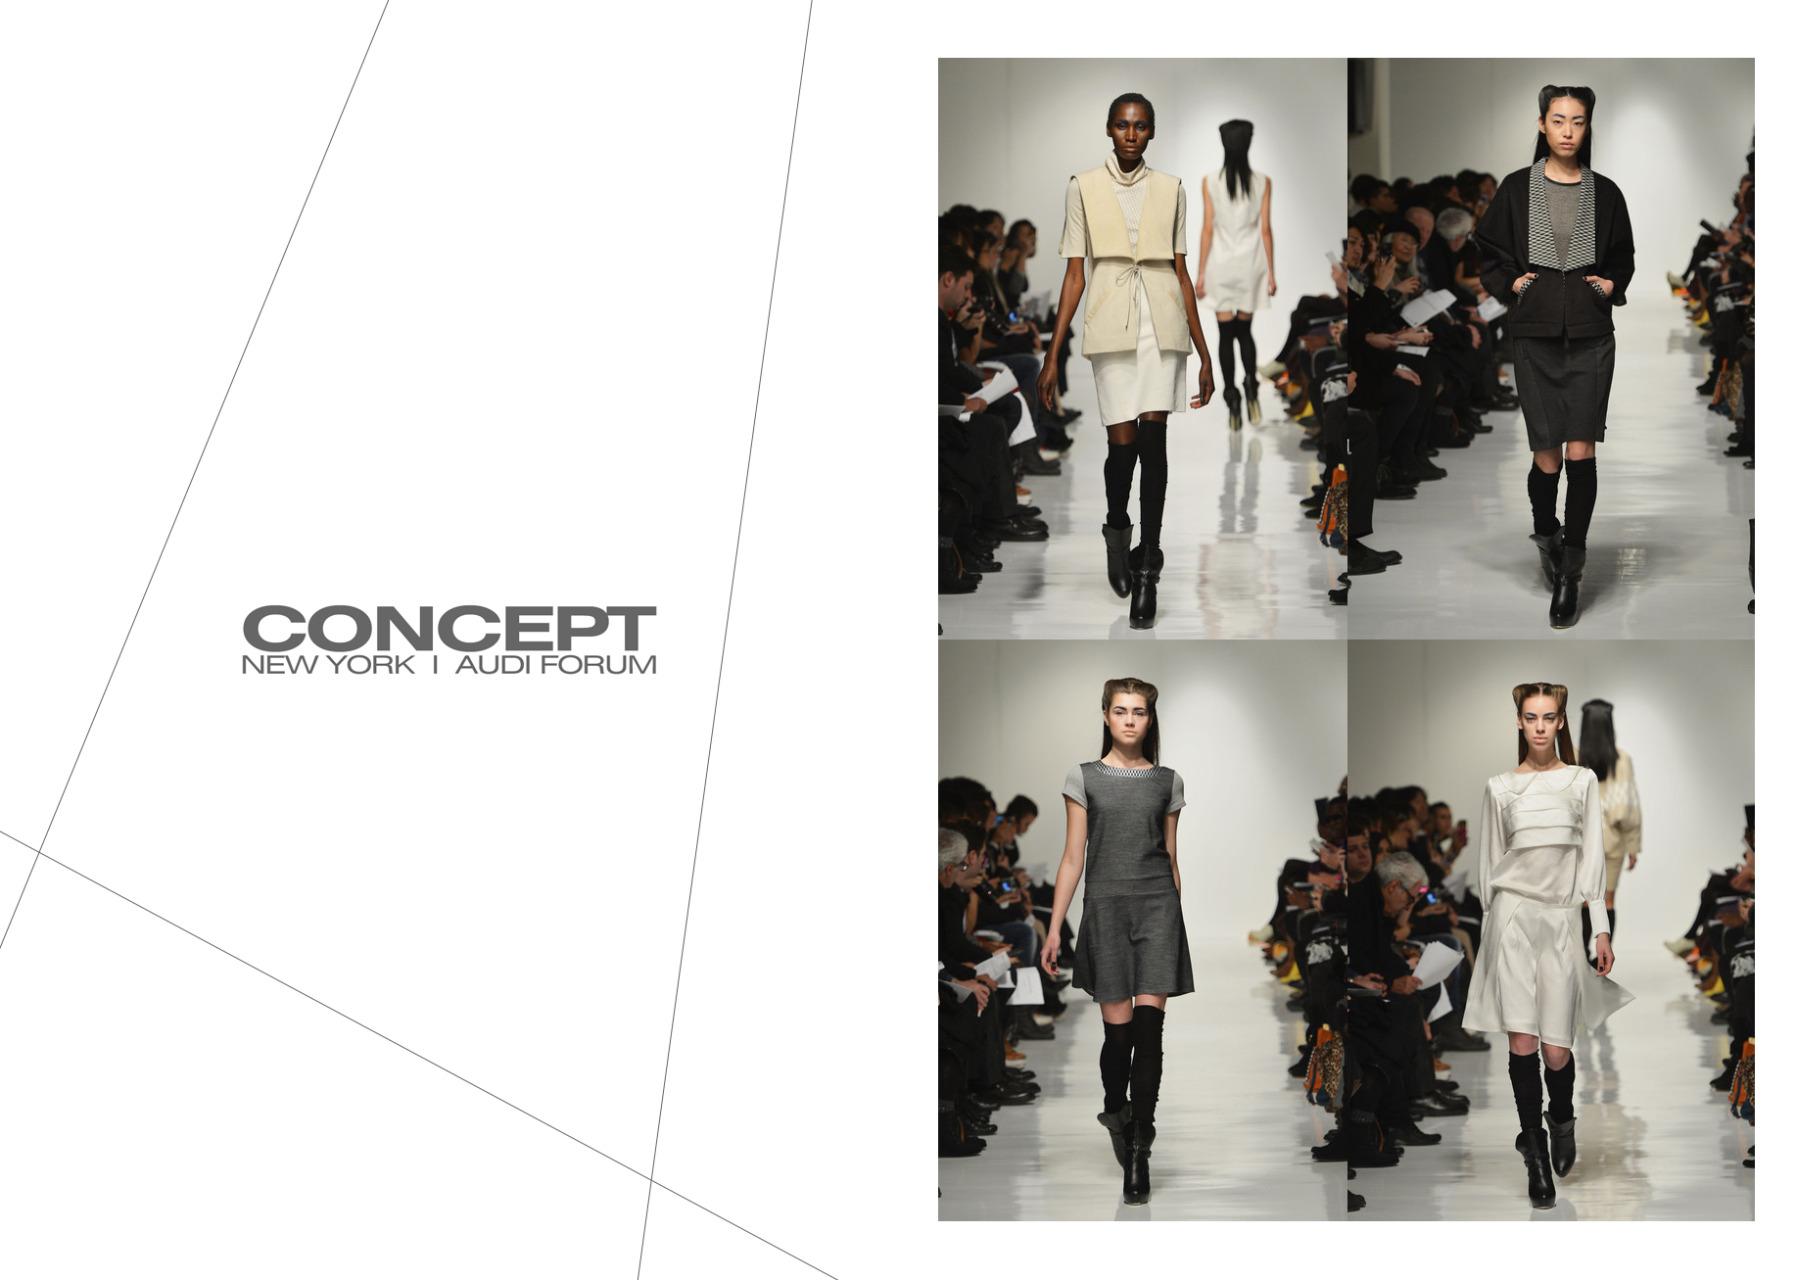 conceptny2